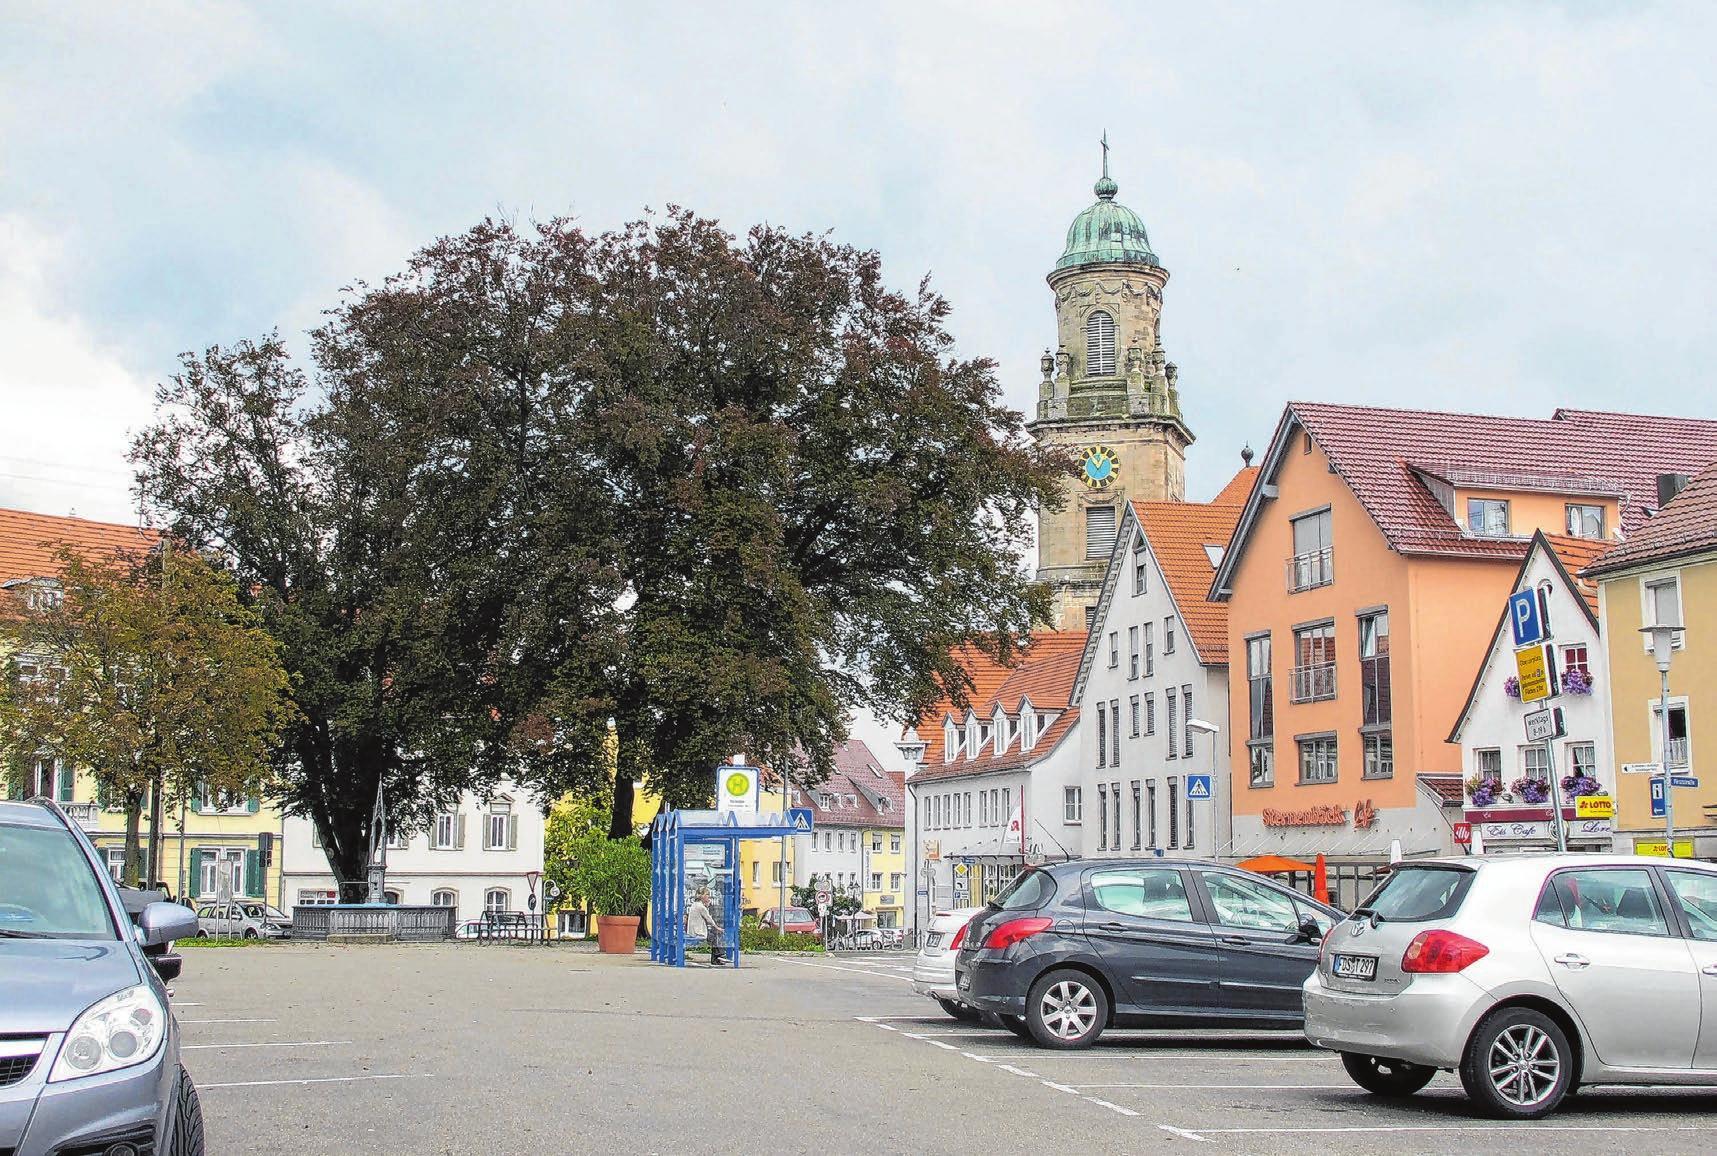 Ein Bild aus der Vergangenheit: der Obertorplatz als asphaltierte Parkfläche für Autos.